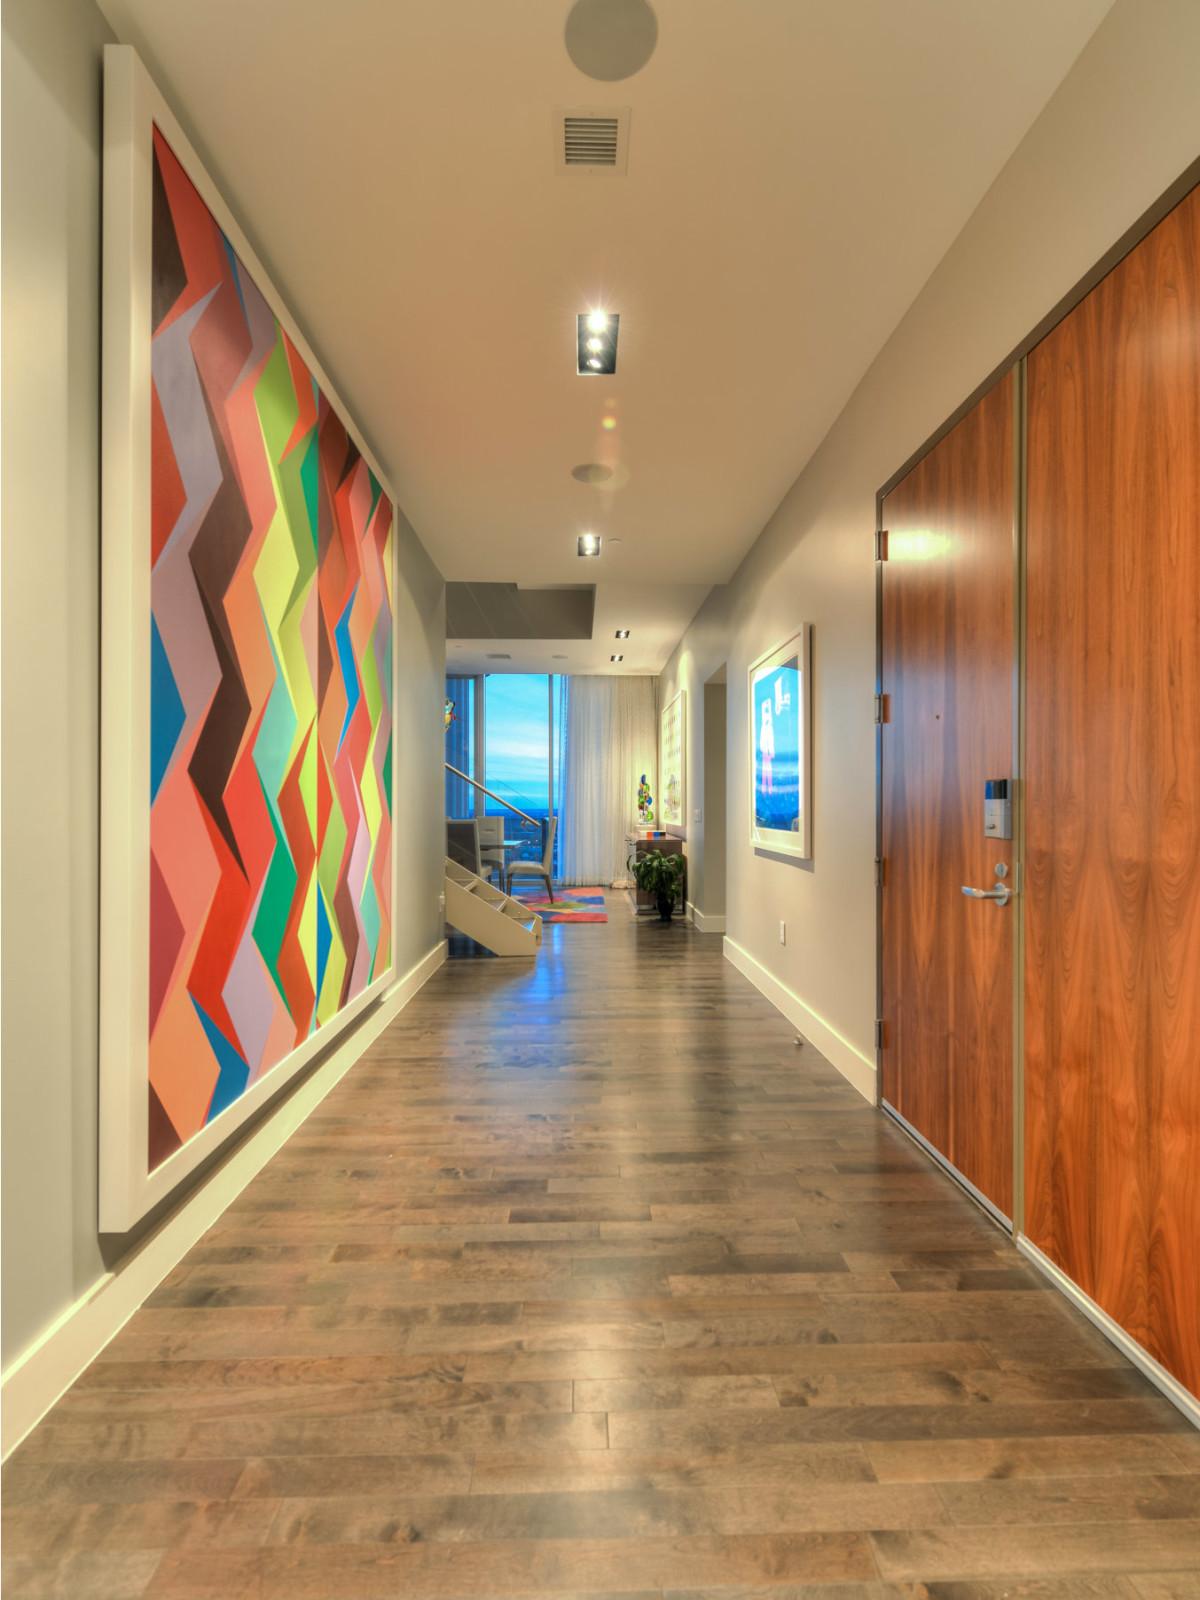 610 Market St San Antonio condo for sale hallway